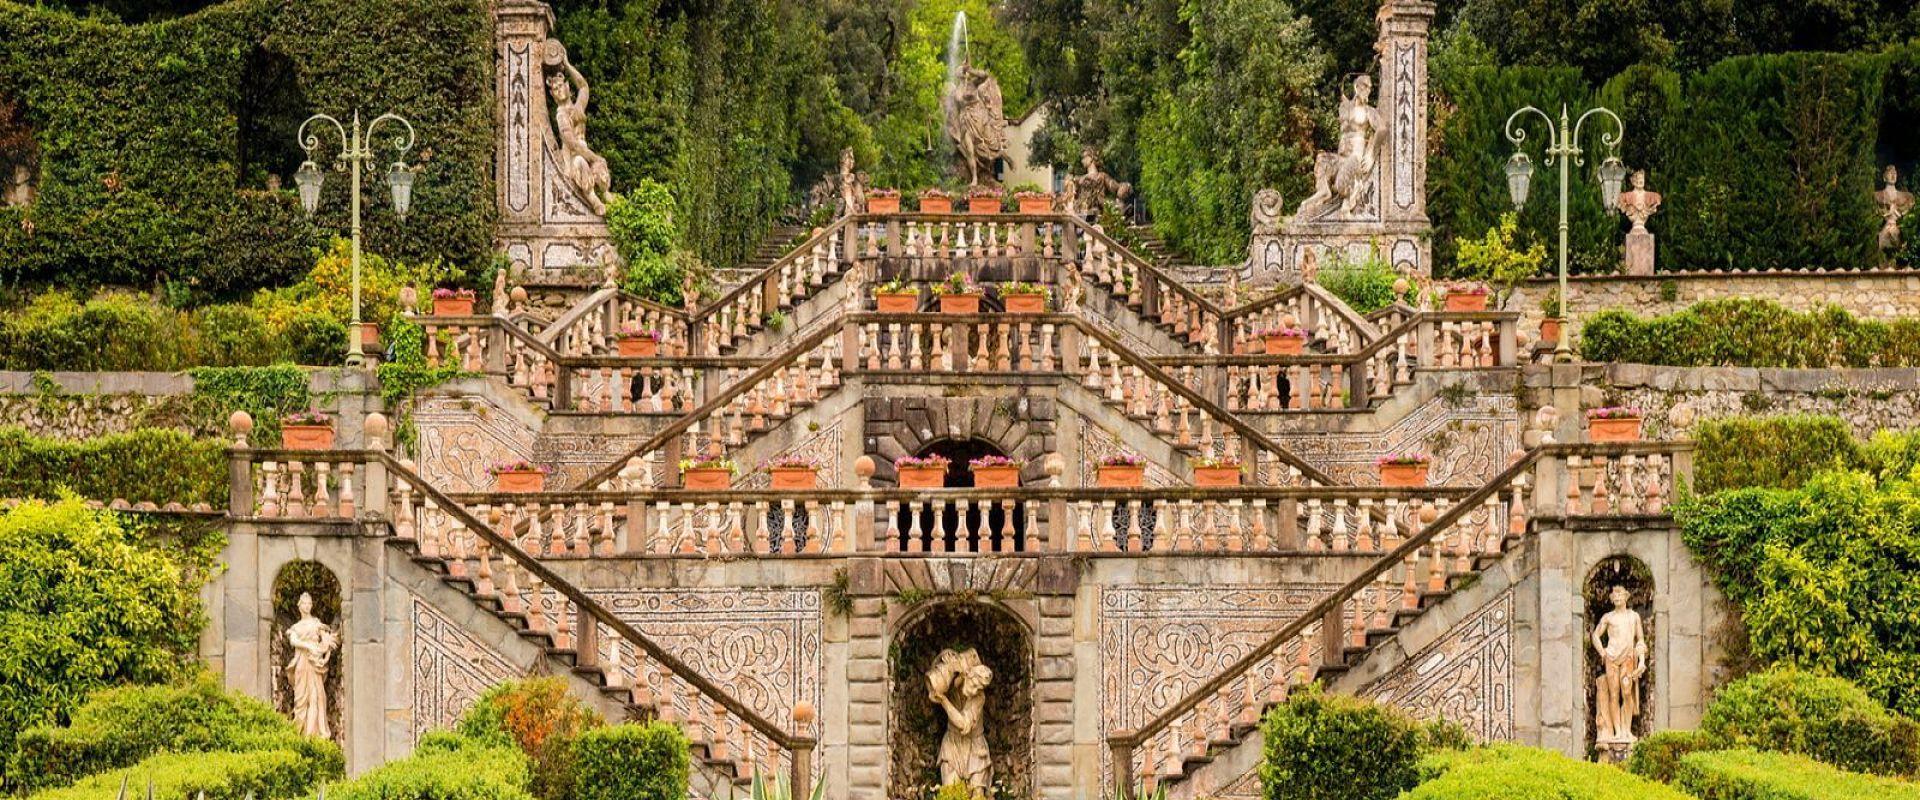 Toscane jardin Botilli